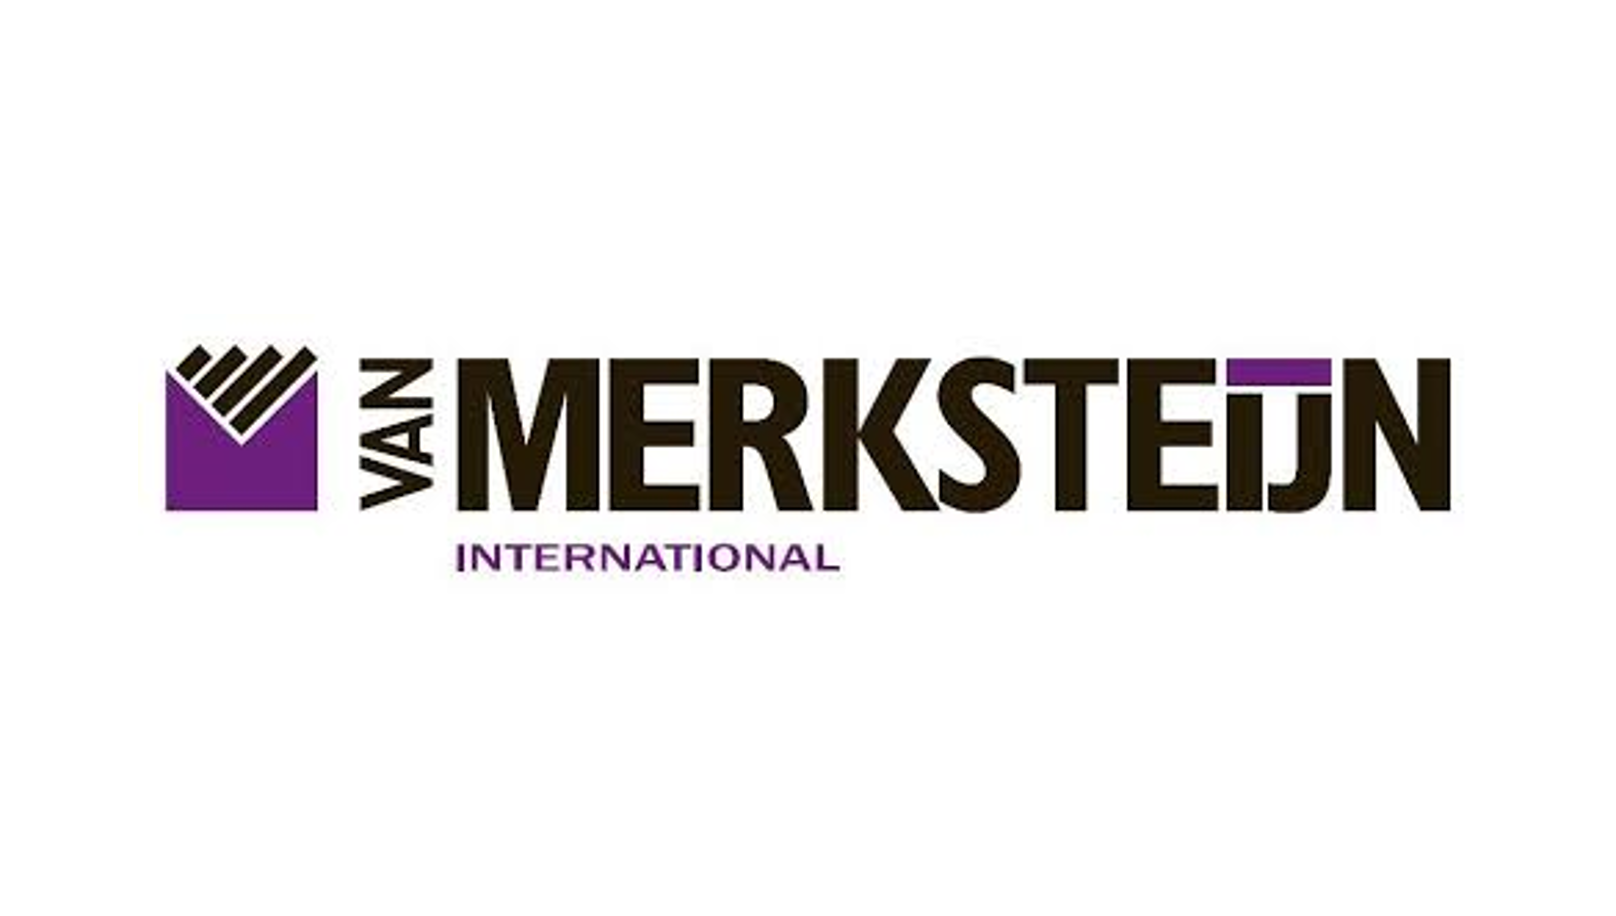 Van Merksteijn International